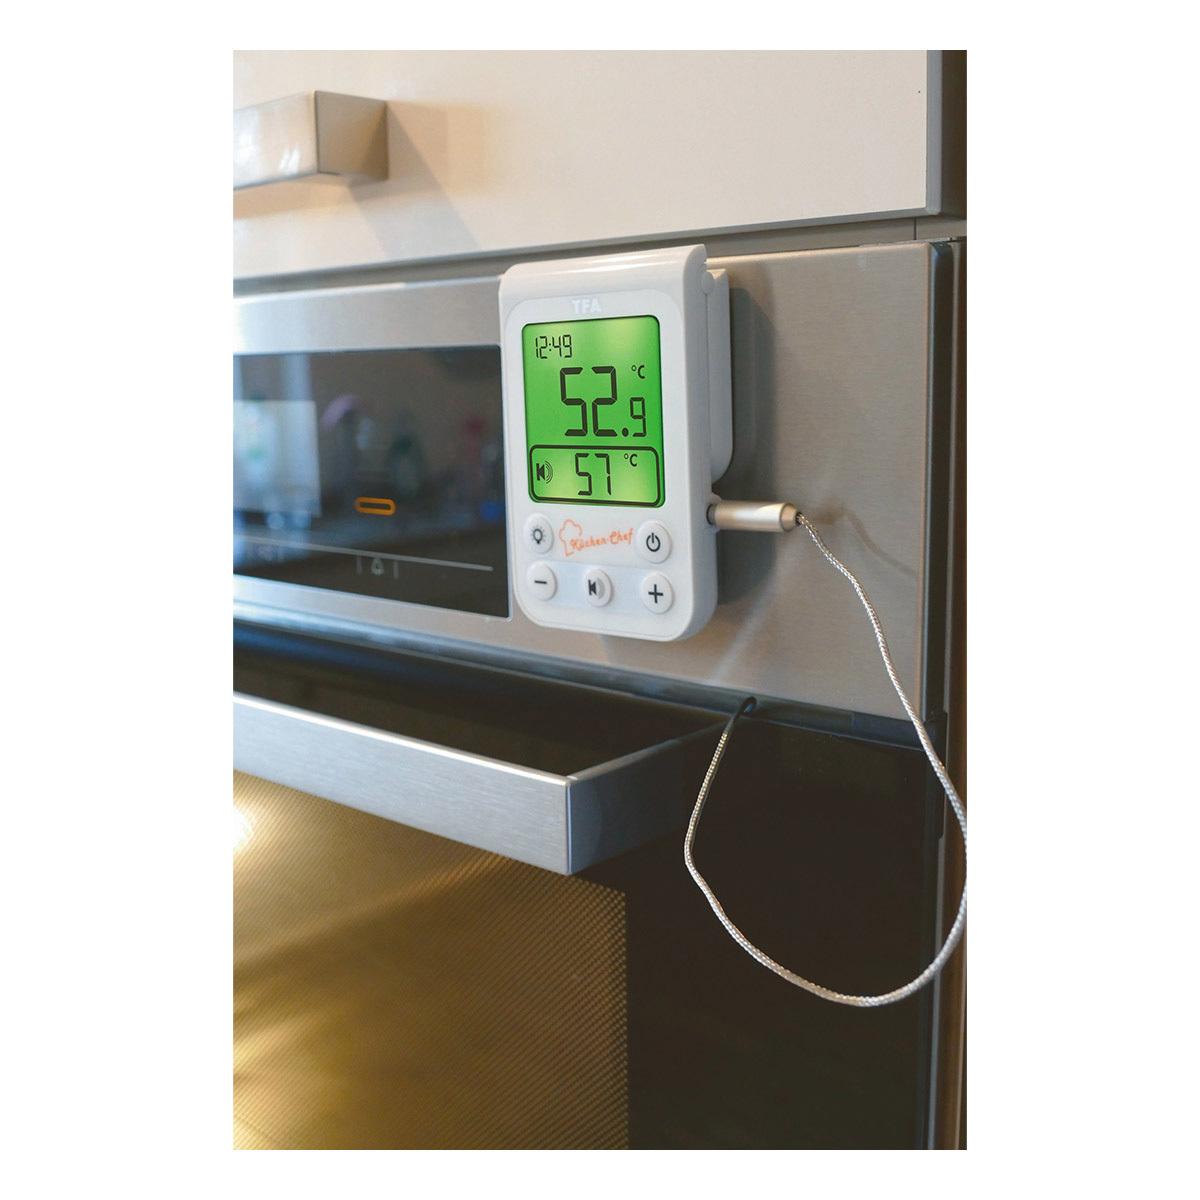 14-1510-02-digitales-grill-bratenthermometer-küchen-chef-anwendung2-1200x1200px.jpg